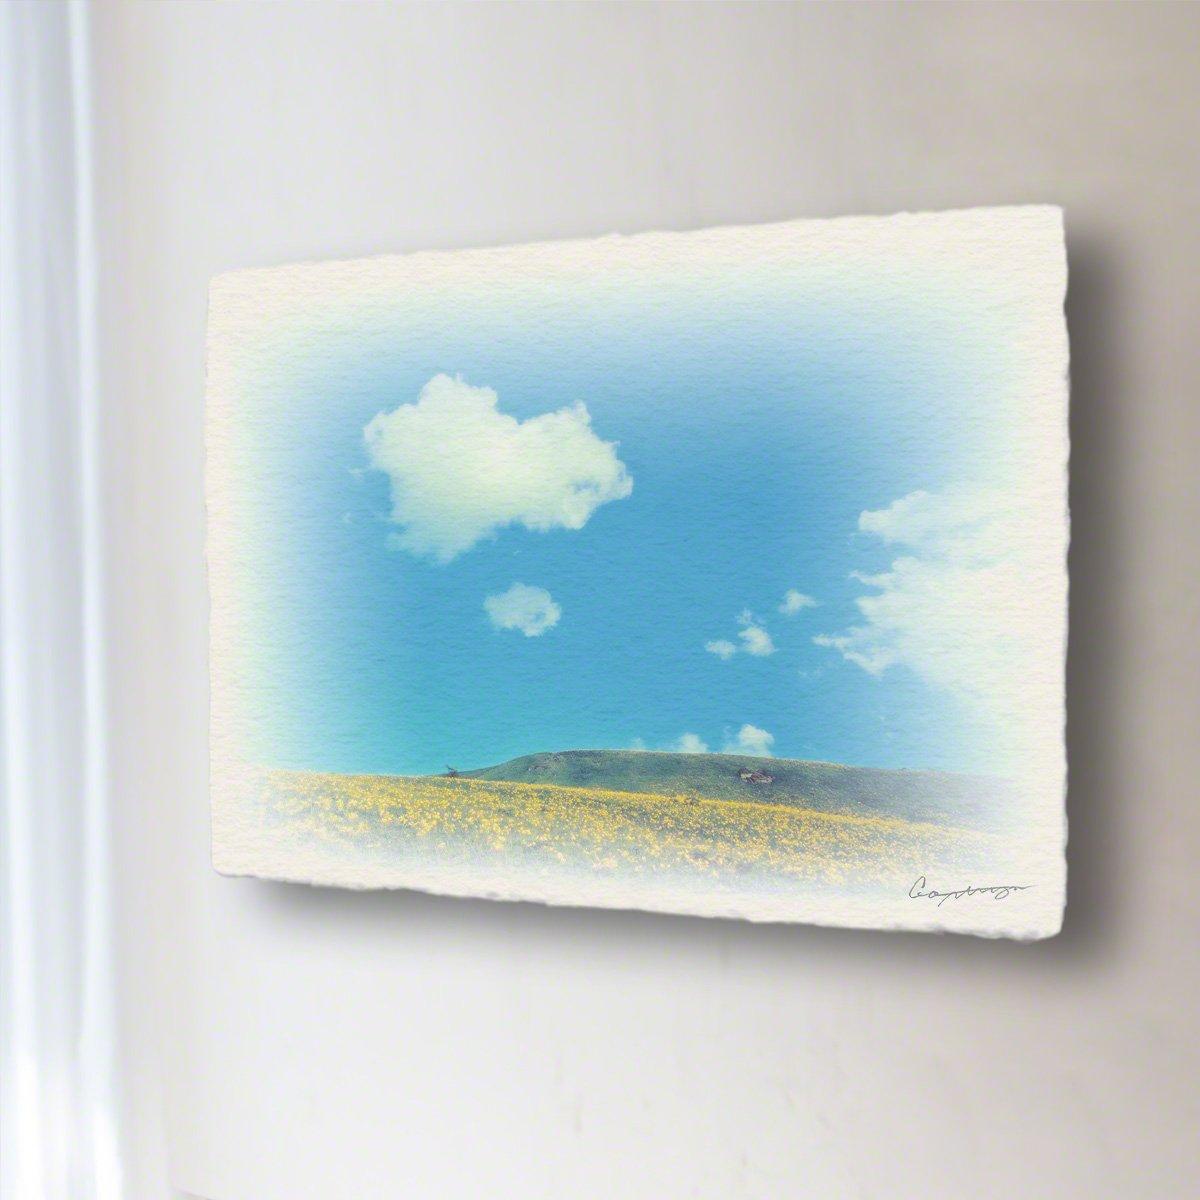 和紙 アートパネル 「青い空と白い雲とニッコウキスゲの丘」 (18x13.5cm) 絵 絵画 壁掛け 壁飾り インテリア アート B01MS7NYXP 11.アートパネル(長辺18cm) 1980円|青い空と白い雲とニッコウキスゲの丘 青い空と白い雲とニッコウキスゲの丘 11.アートパネル(長辺18cm) 1980円